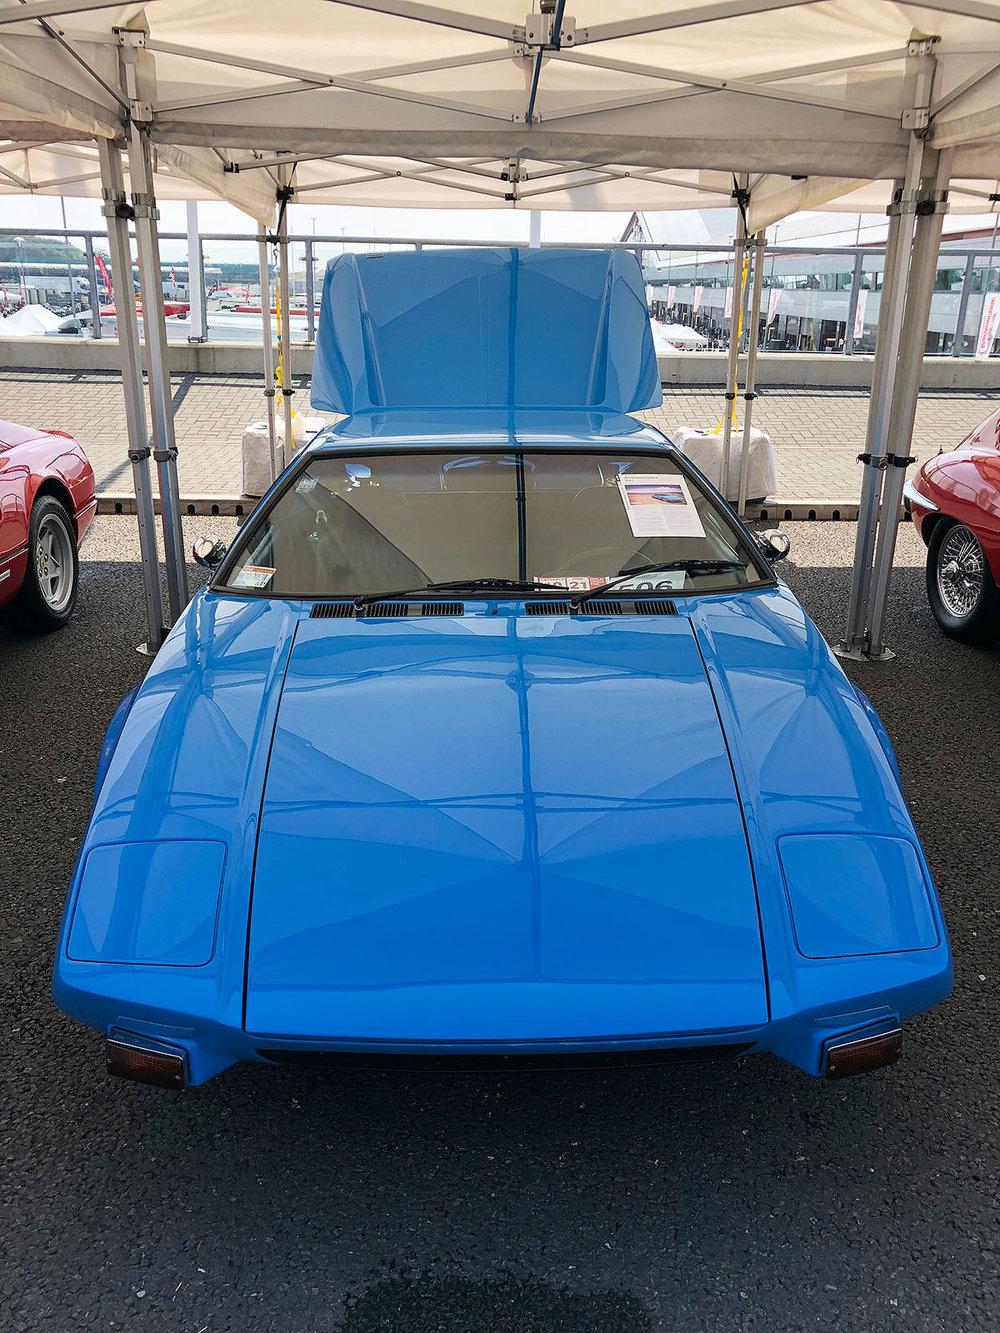 De Tomaso_Pantera_Grabber blue_pre-L_1972_Silverstone Classic Sale 2018_3 web.jpg